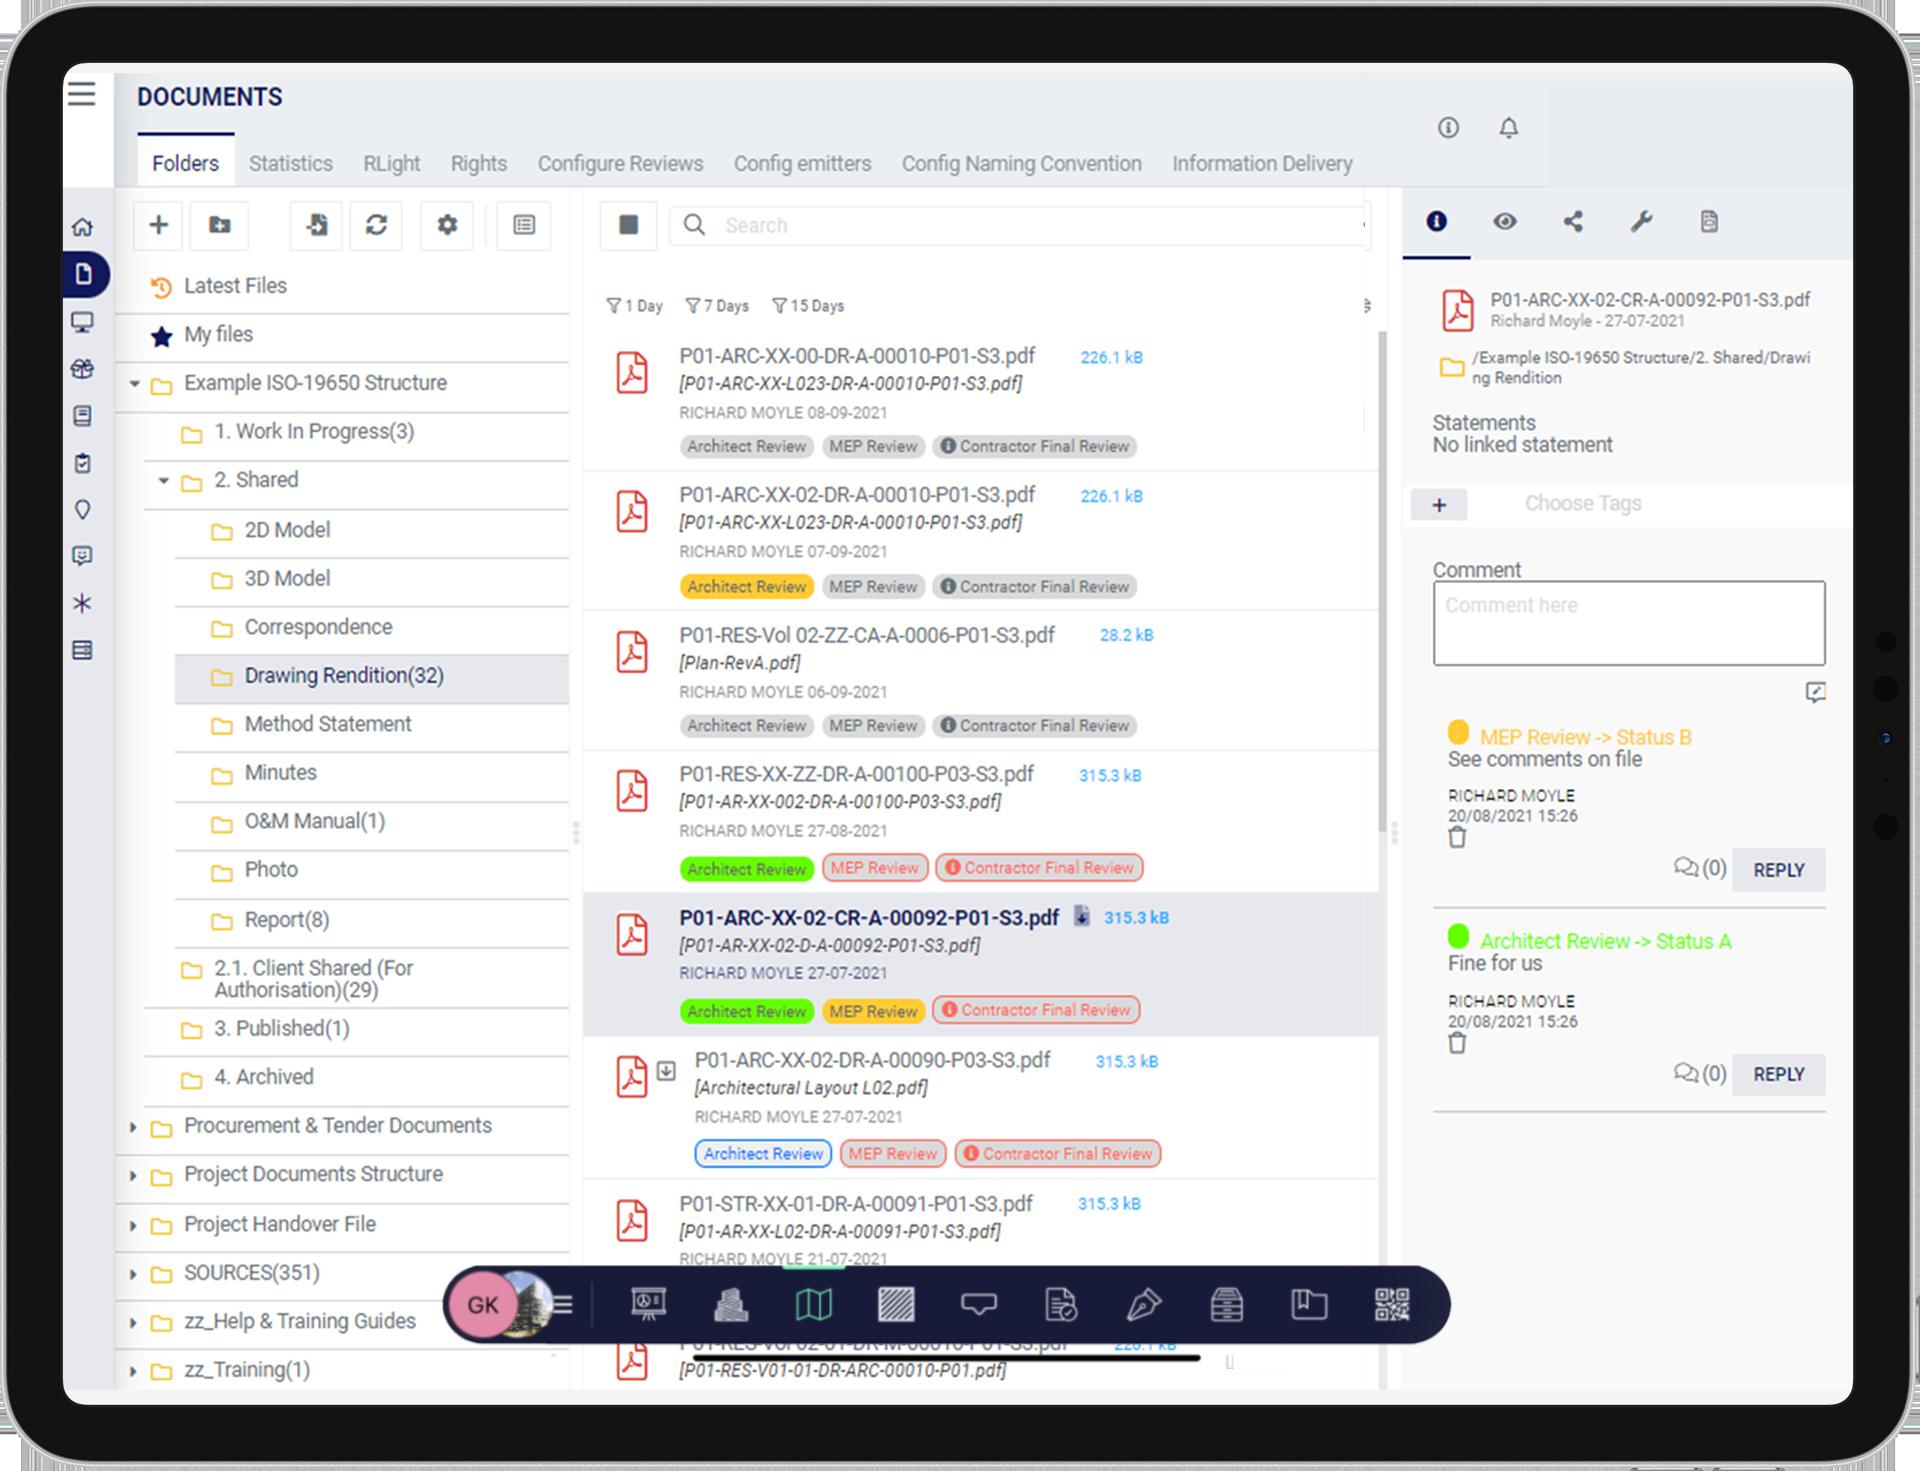 Documents_screenshot